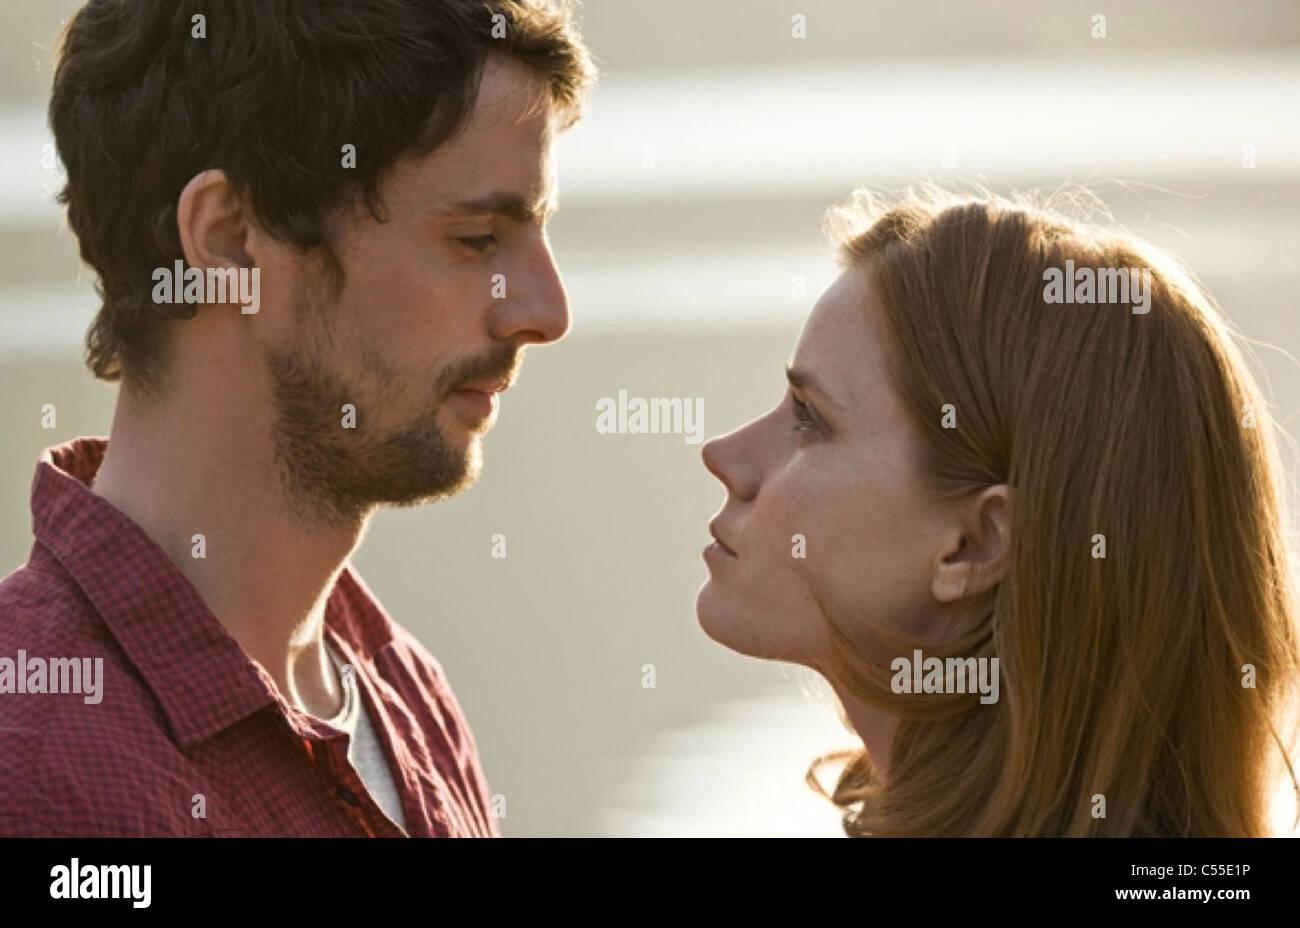 Año bisiesto 2010 película Universal con Amy Adams y Matthew Goode Imagen De Stock